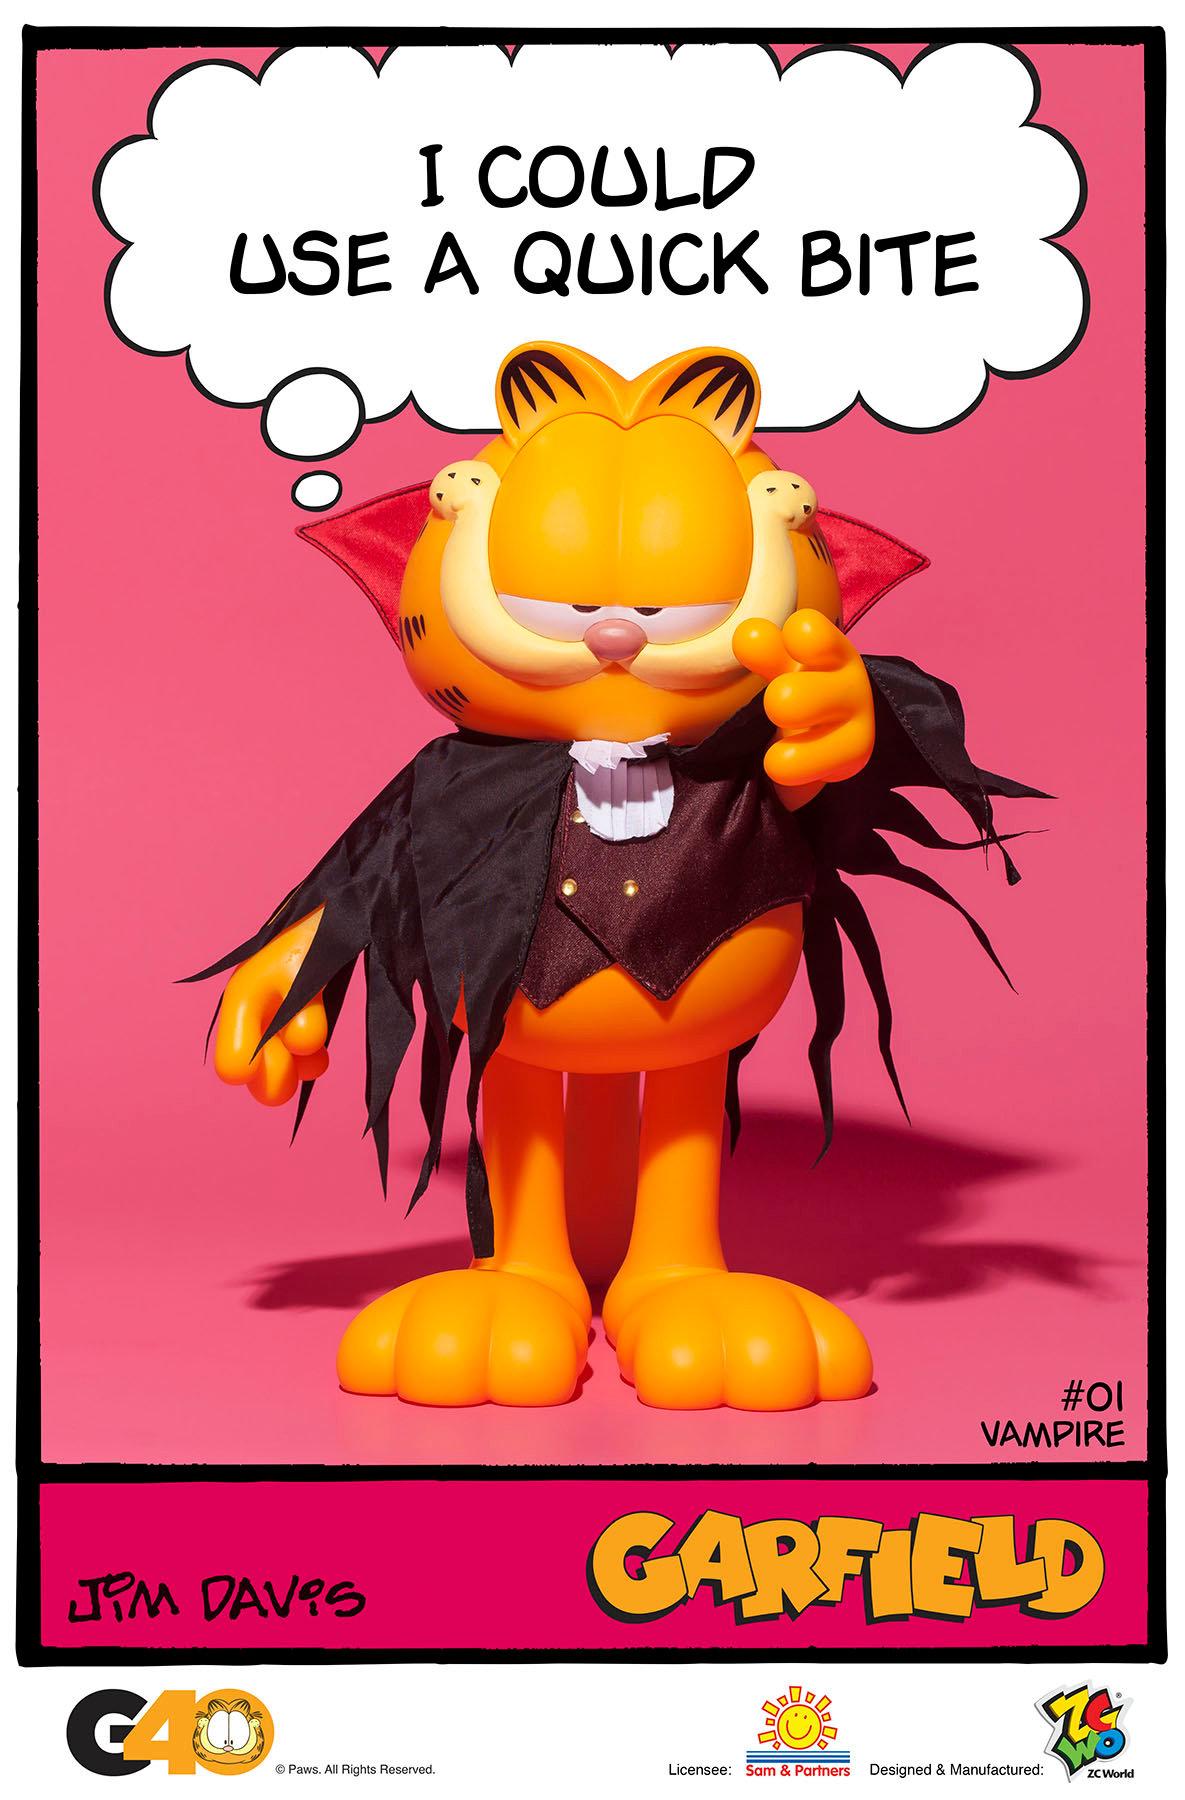 Garfield Master Series 01 Vampire Store